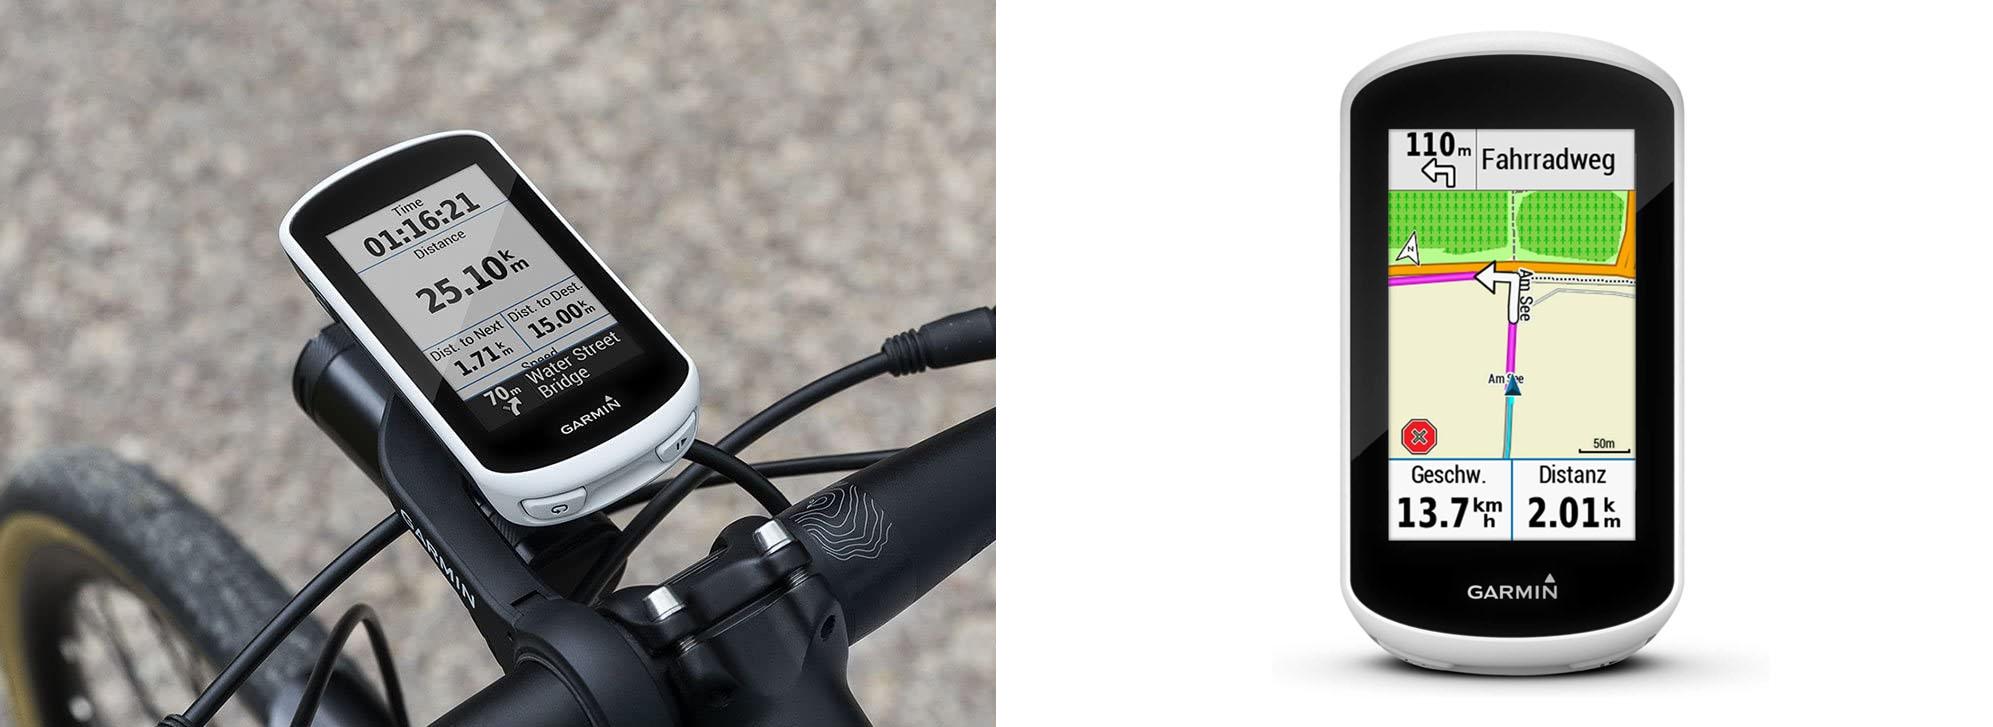 ciclomputador gps ciclismo garmin edge explorer 2021